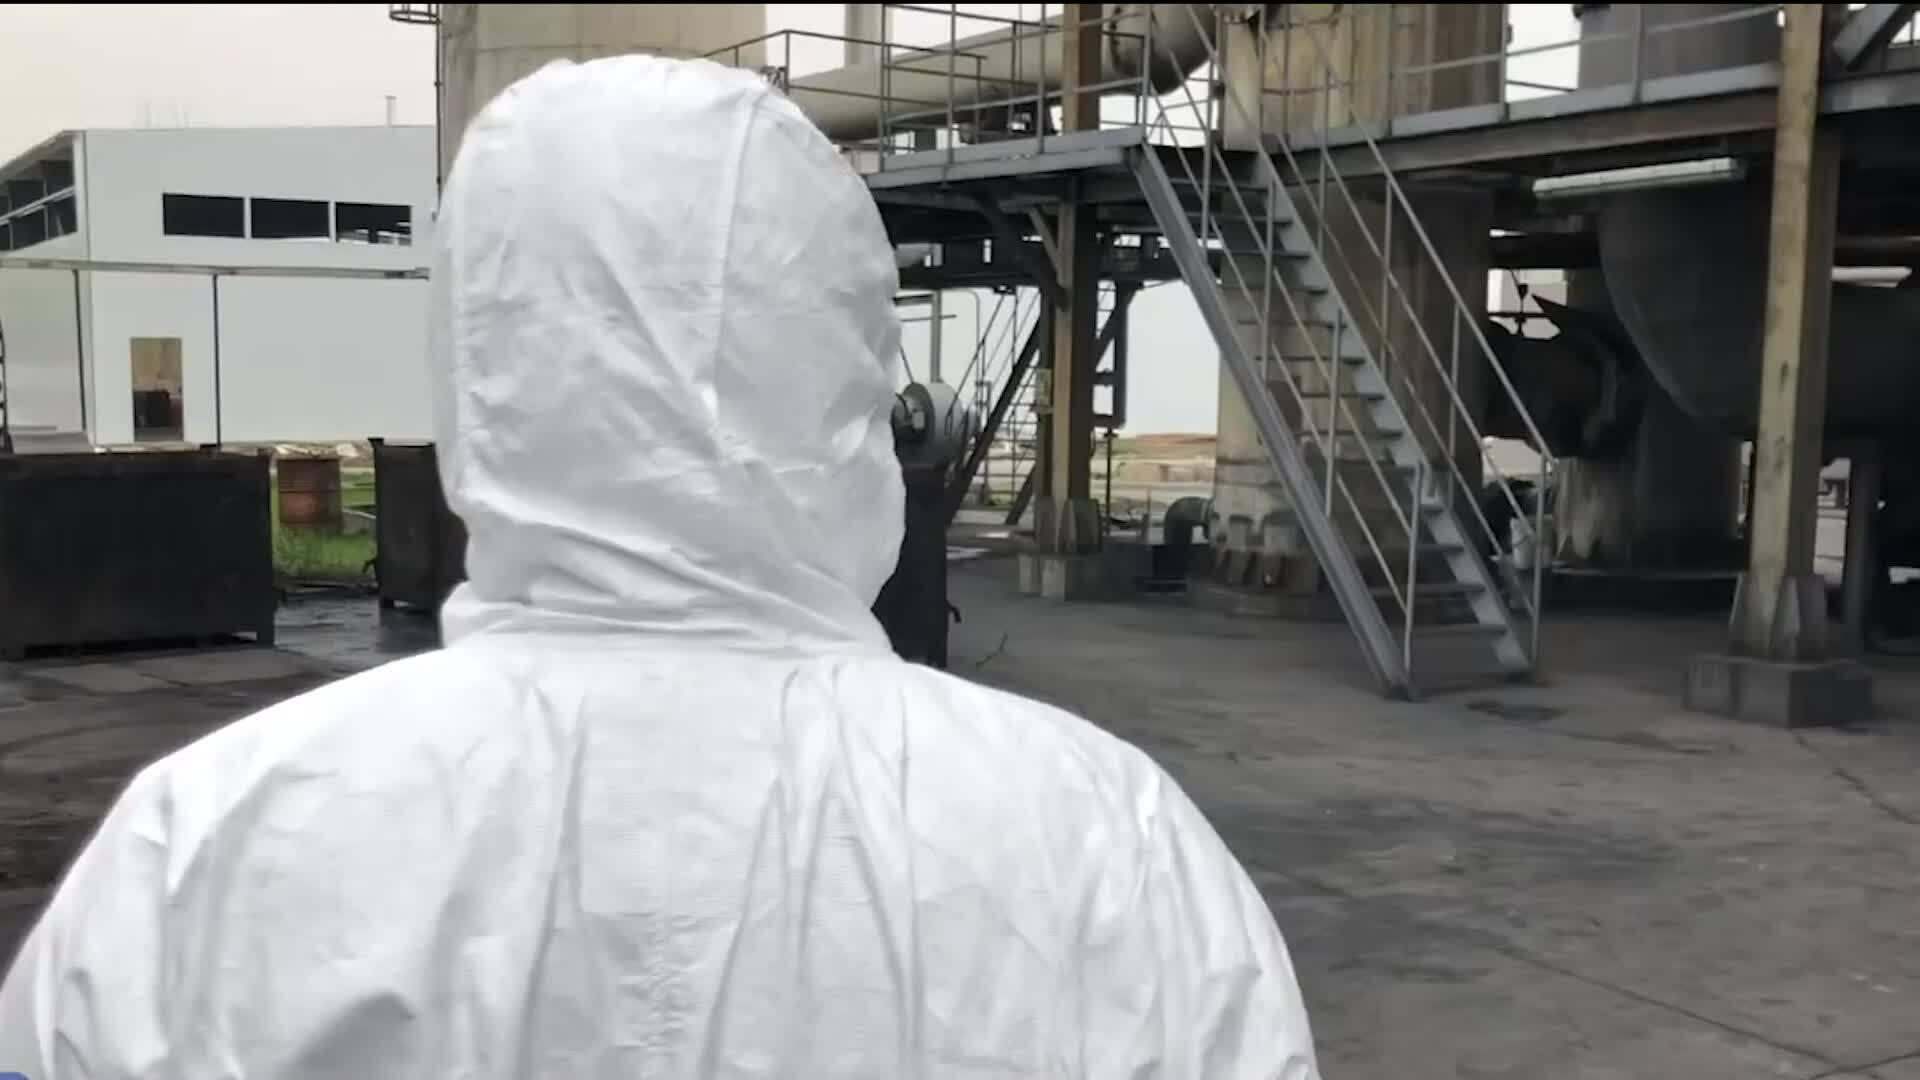 Quy trình xử lý rác thải y tế tại Vũ Hán